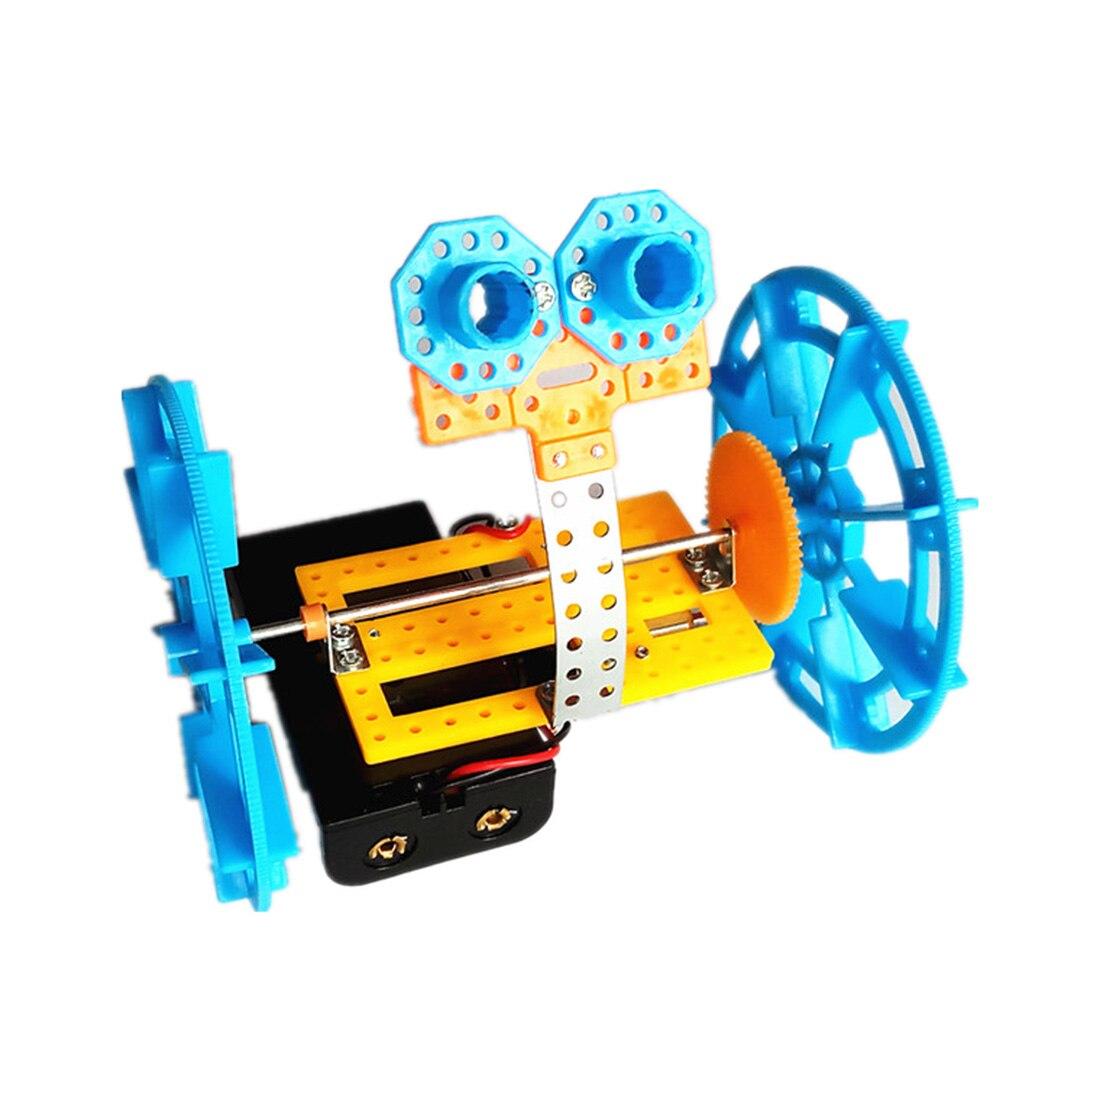 Feichao DIY образовательный научный эксперимент два колеса баланс автомобиля Робот физика игрушки для экспериментов для создания малого изобре...